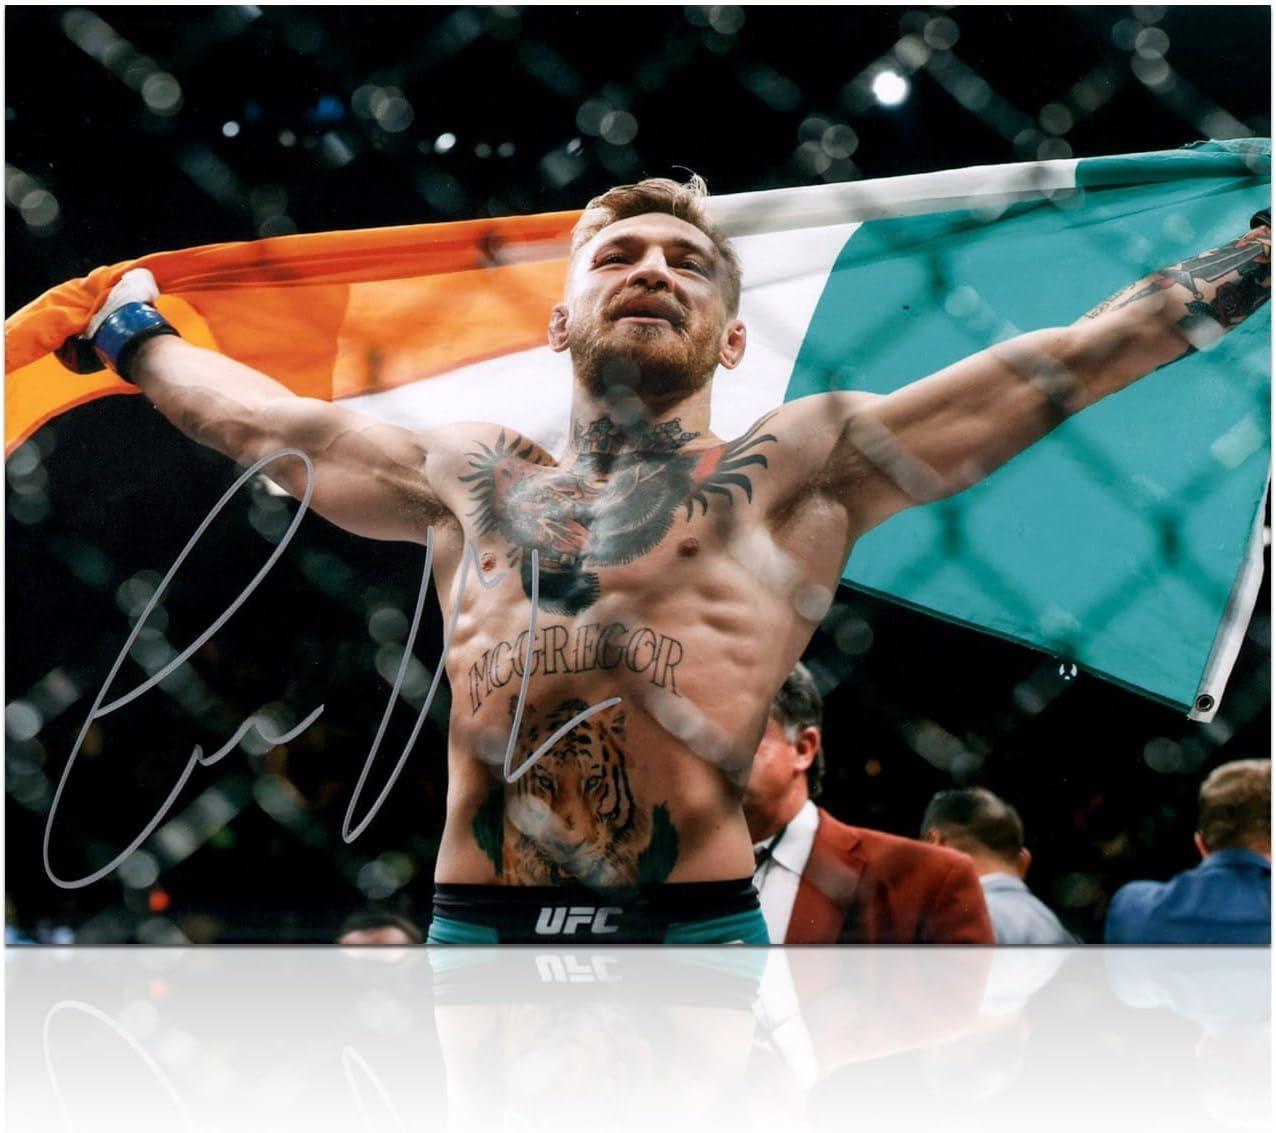 Conor McGregor Firmado Foto: UFC 194 Victory: Amazon.es: Deportes y aire libre